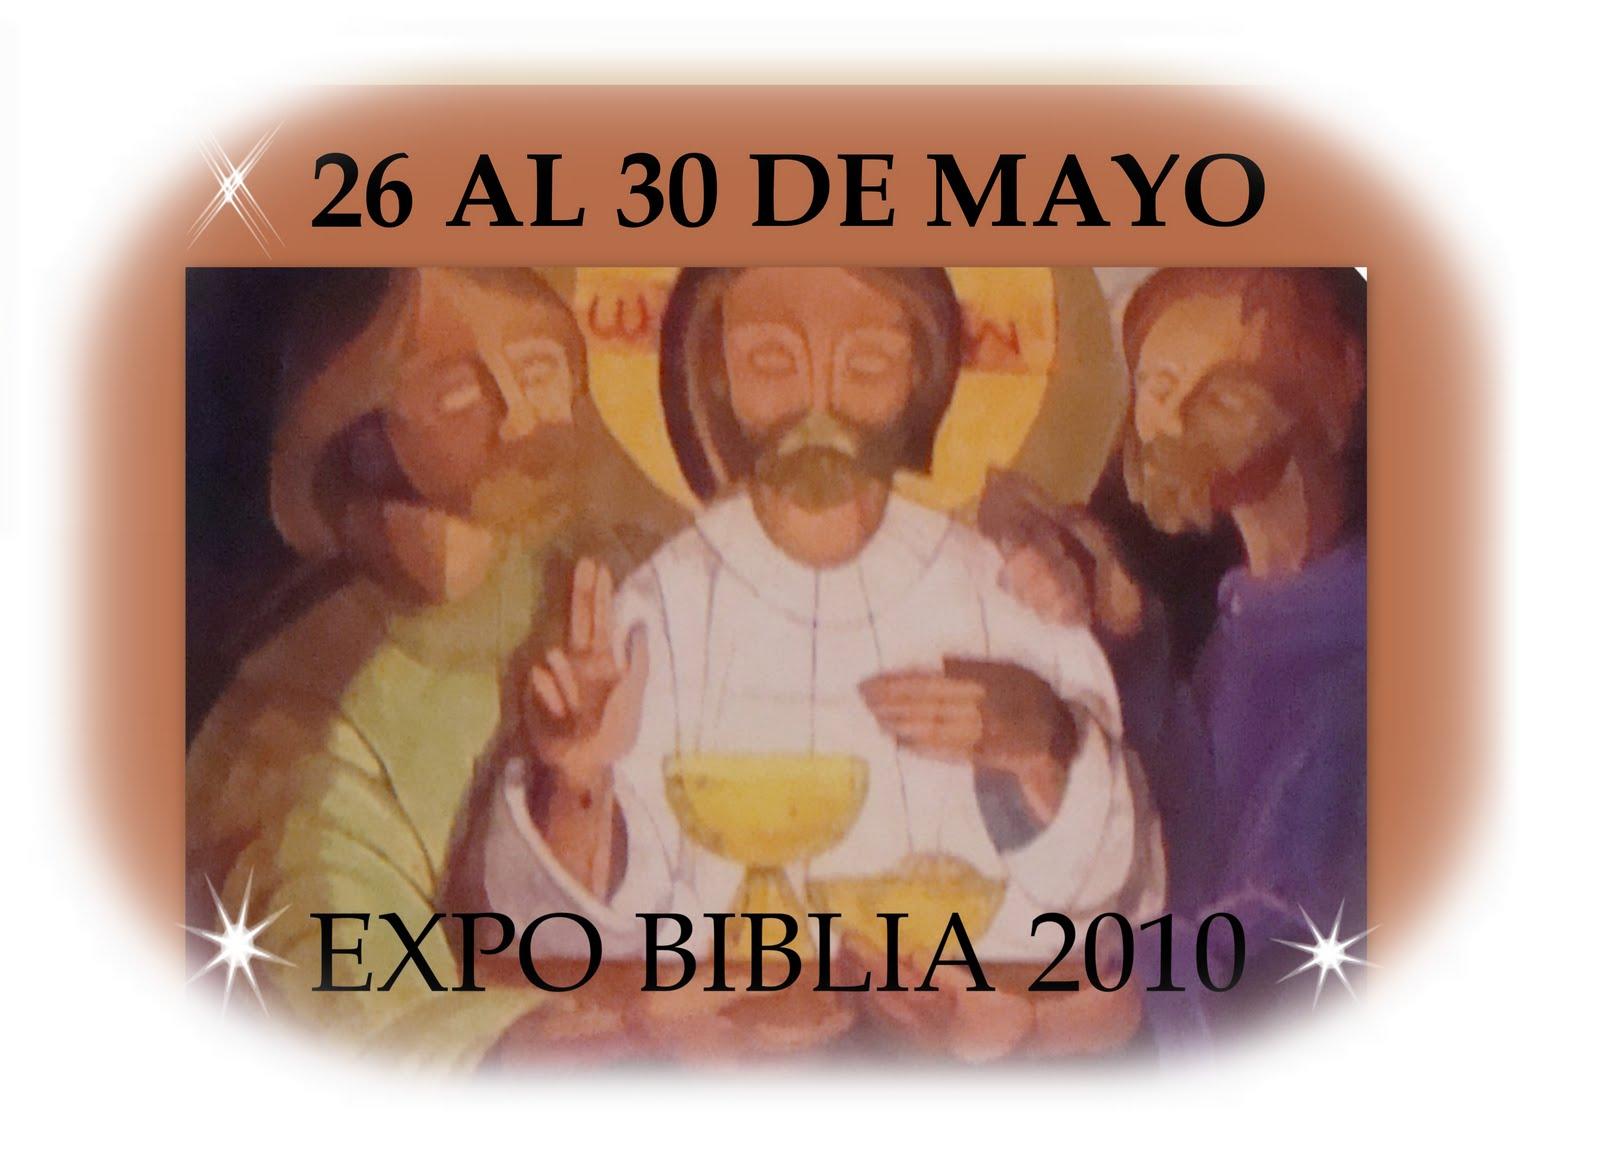 http://2.bp.blogspot.com/_VlU6TsleaNg/S-L8ROrxNnI/AAAAAAAABBM/ZTlT_dg-Cy4/s1600/EXPO+BIBLIA+1.jpg